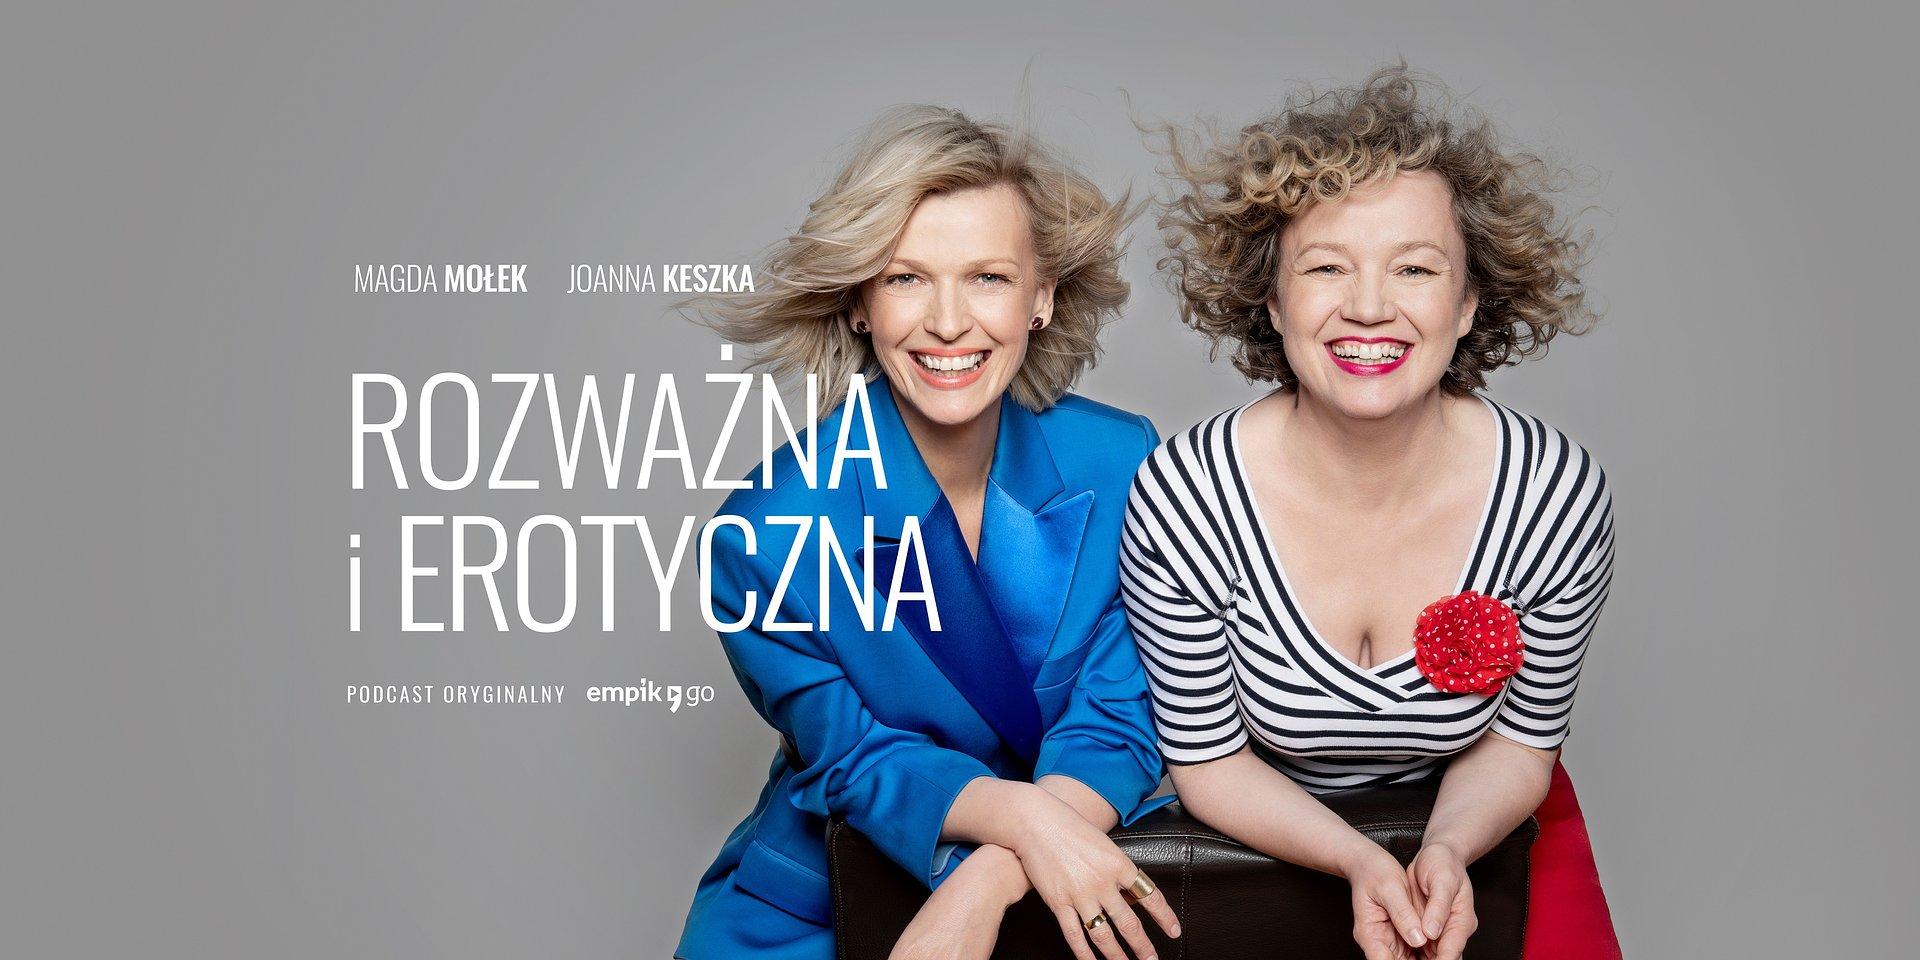 Każda z nas jest Rozważna i Erotyczna! Magda Mołek i Joanna Keszka z podcastem o kobiecej zmysłowości, wolności i przyjemności